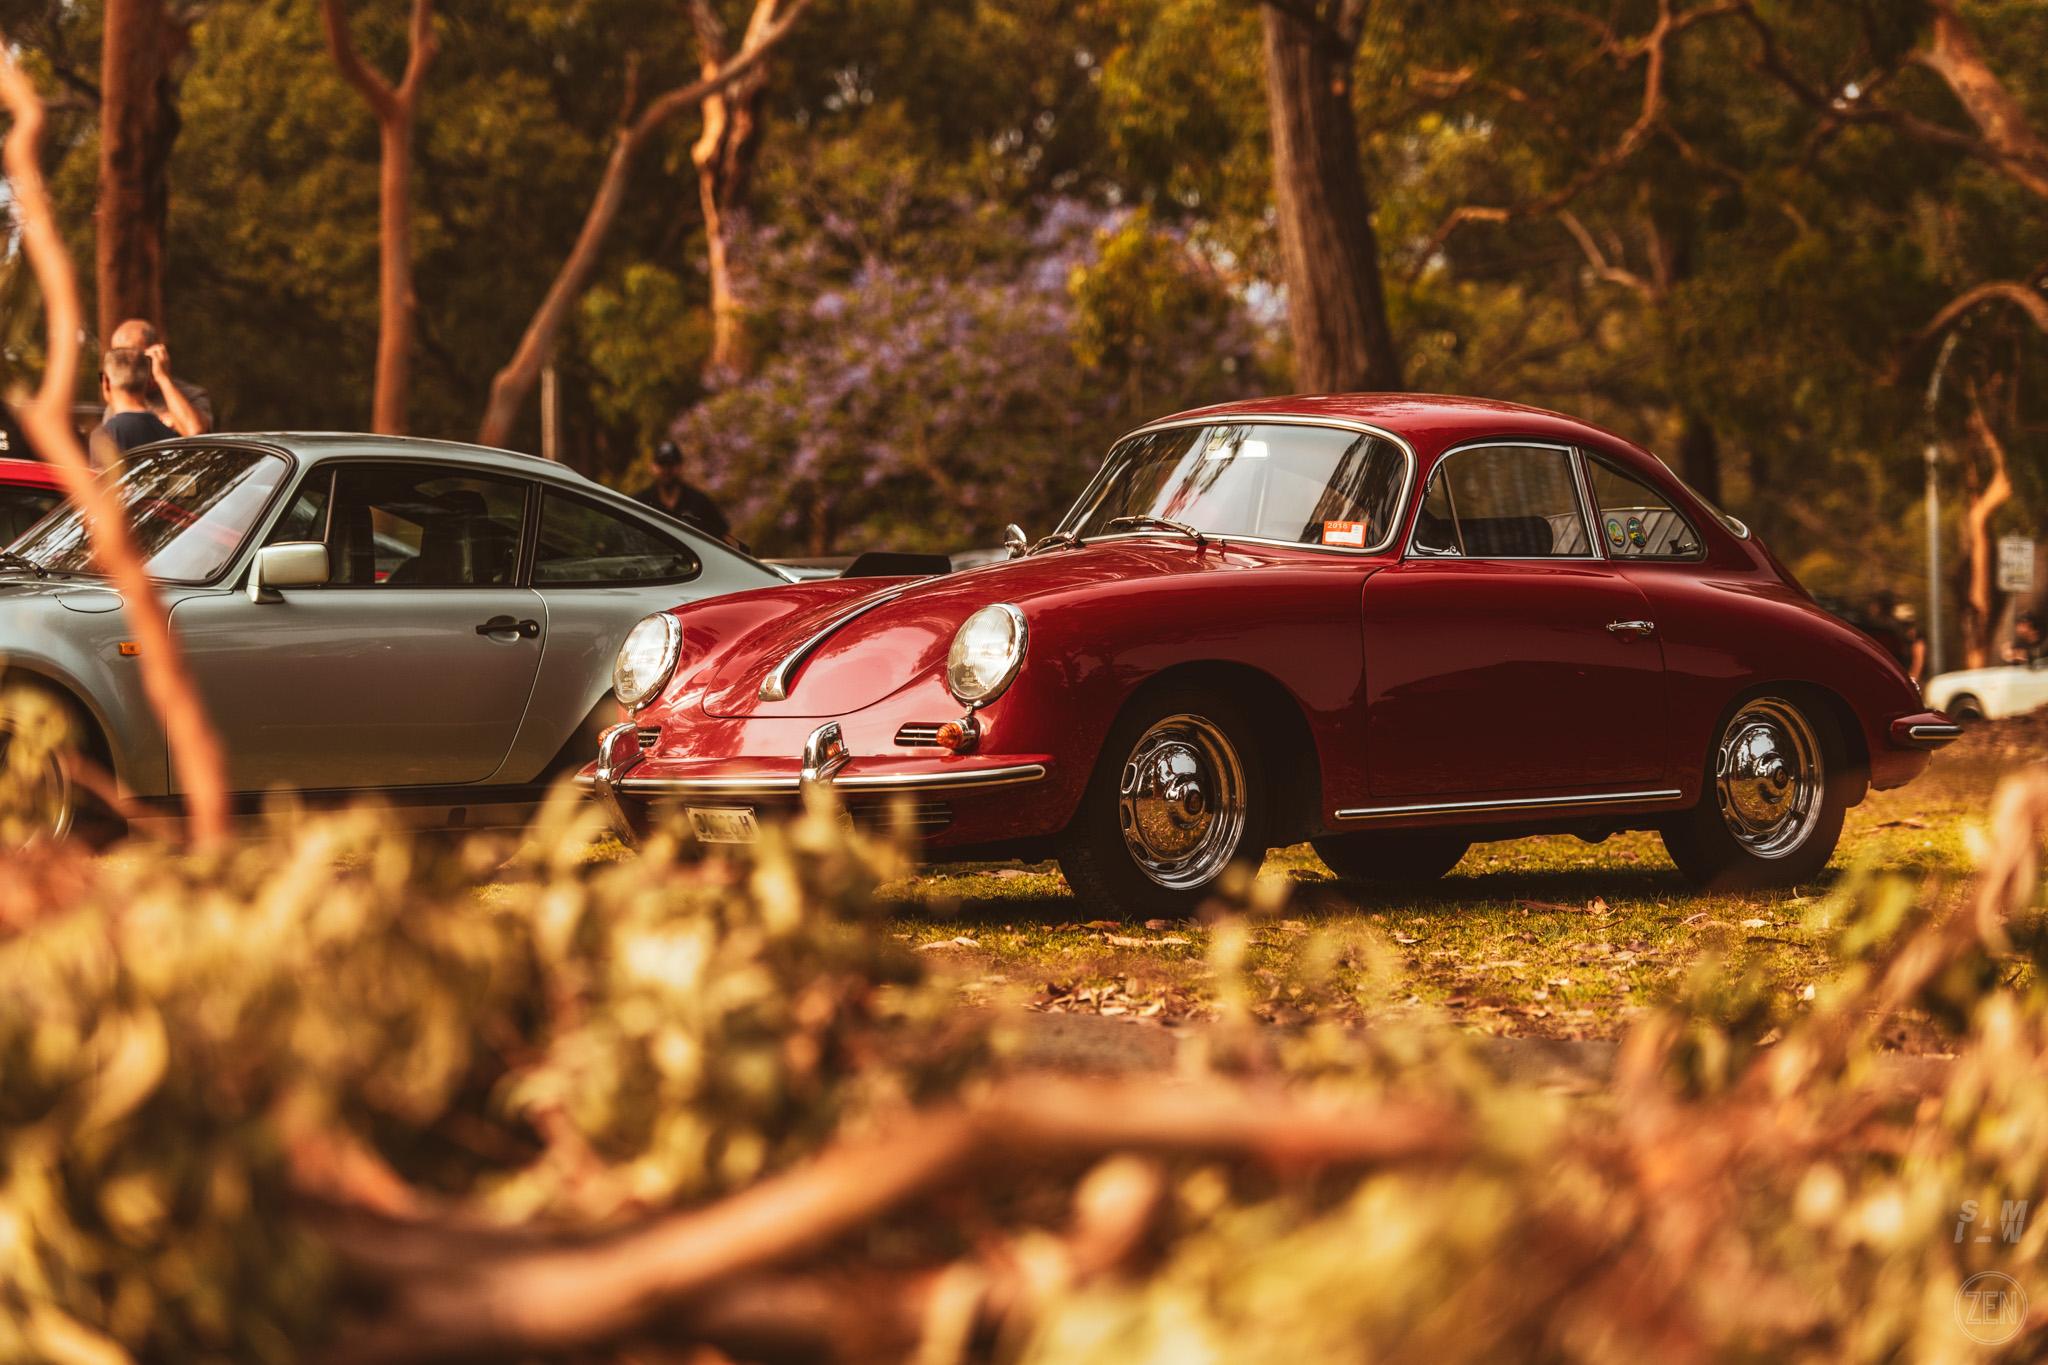 2019-12-08 - Porsches & Coffee 090